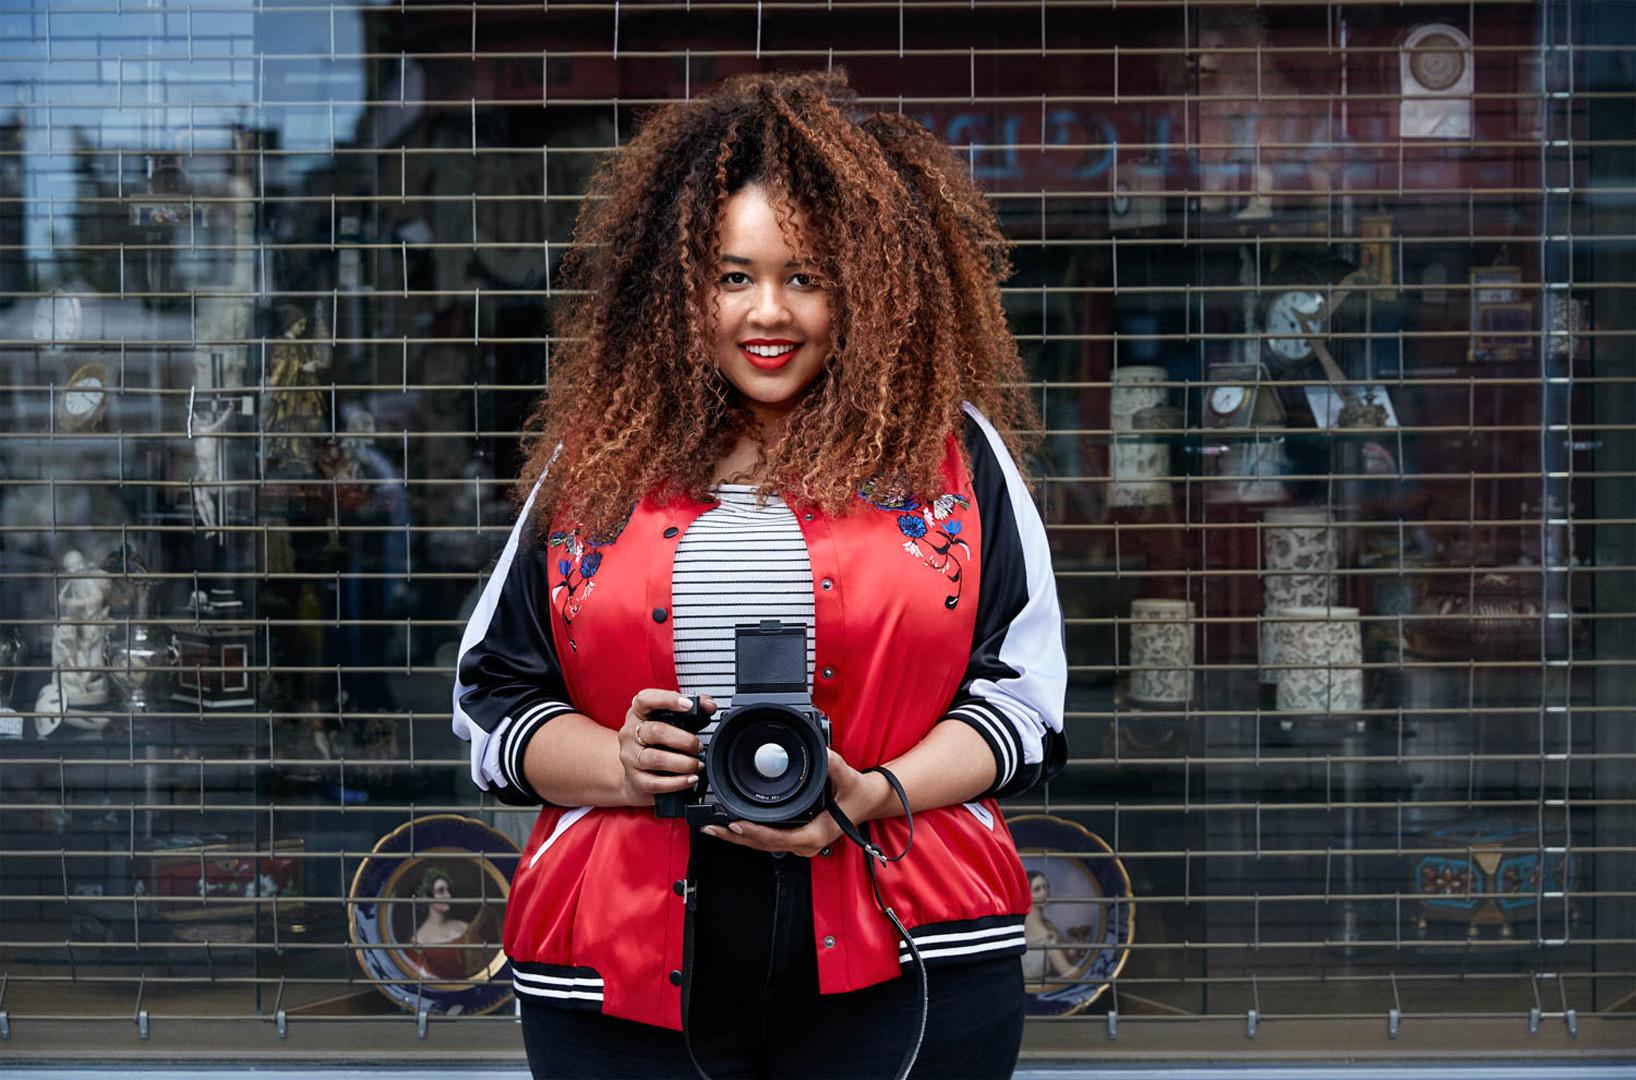 Brand: Simply Be  Photographer: Magdalena Wosinska  Agency: LOVE